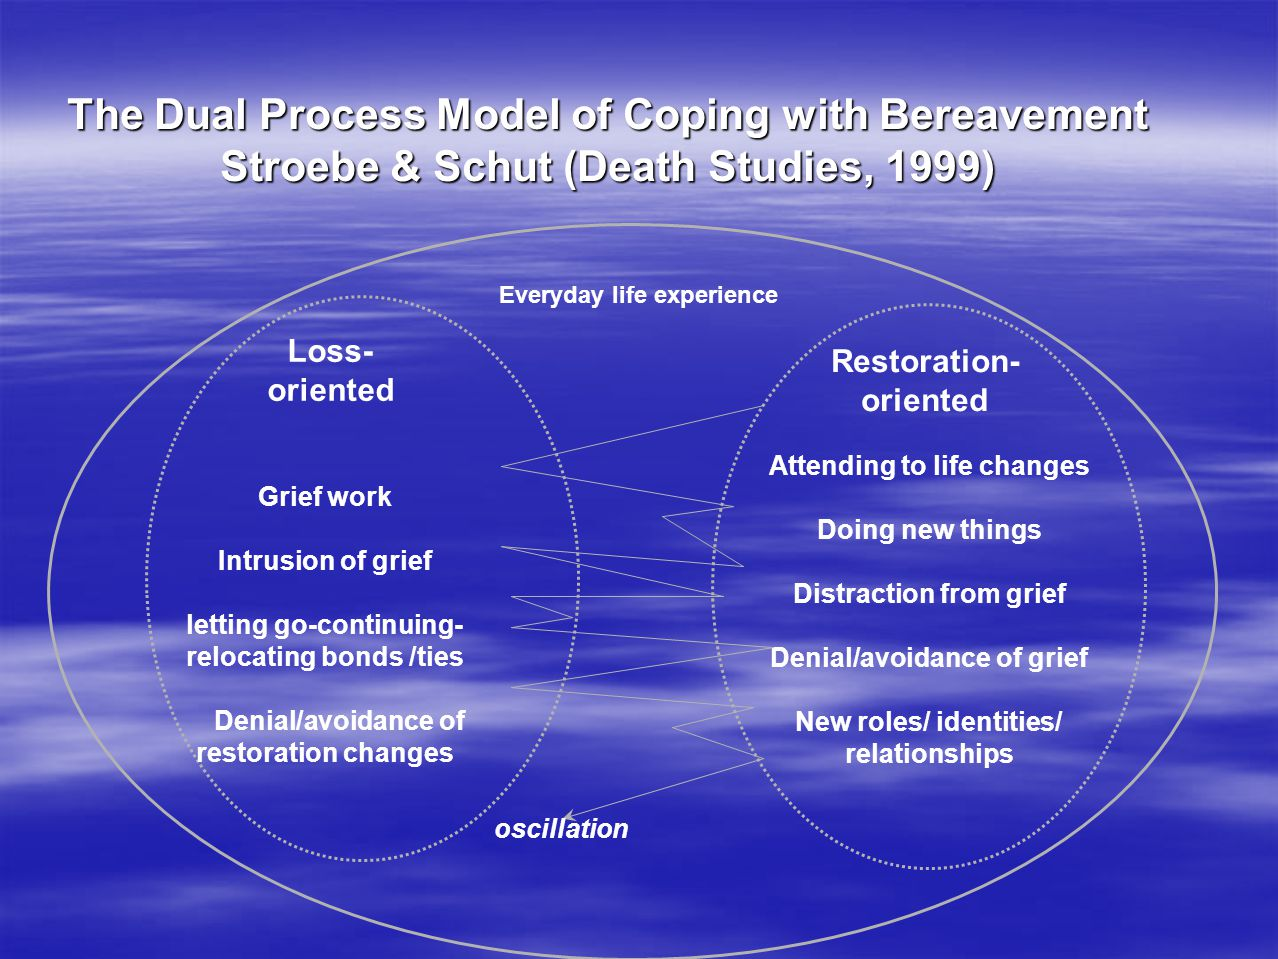 Stroebe & Schut (Death Studies, 1999)